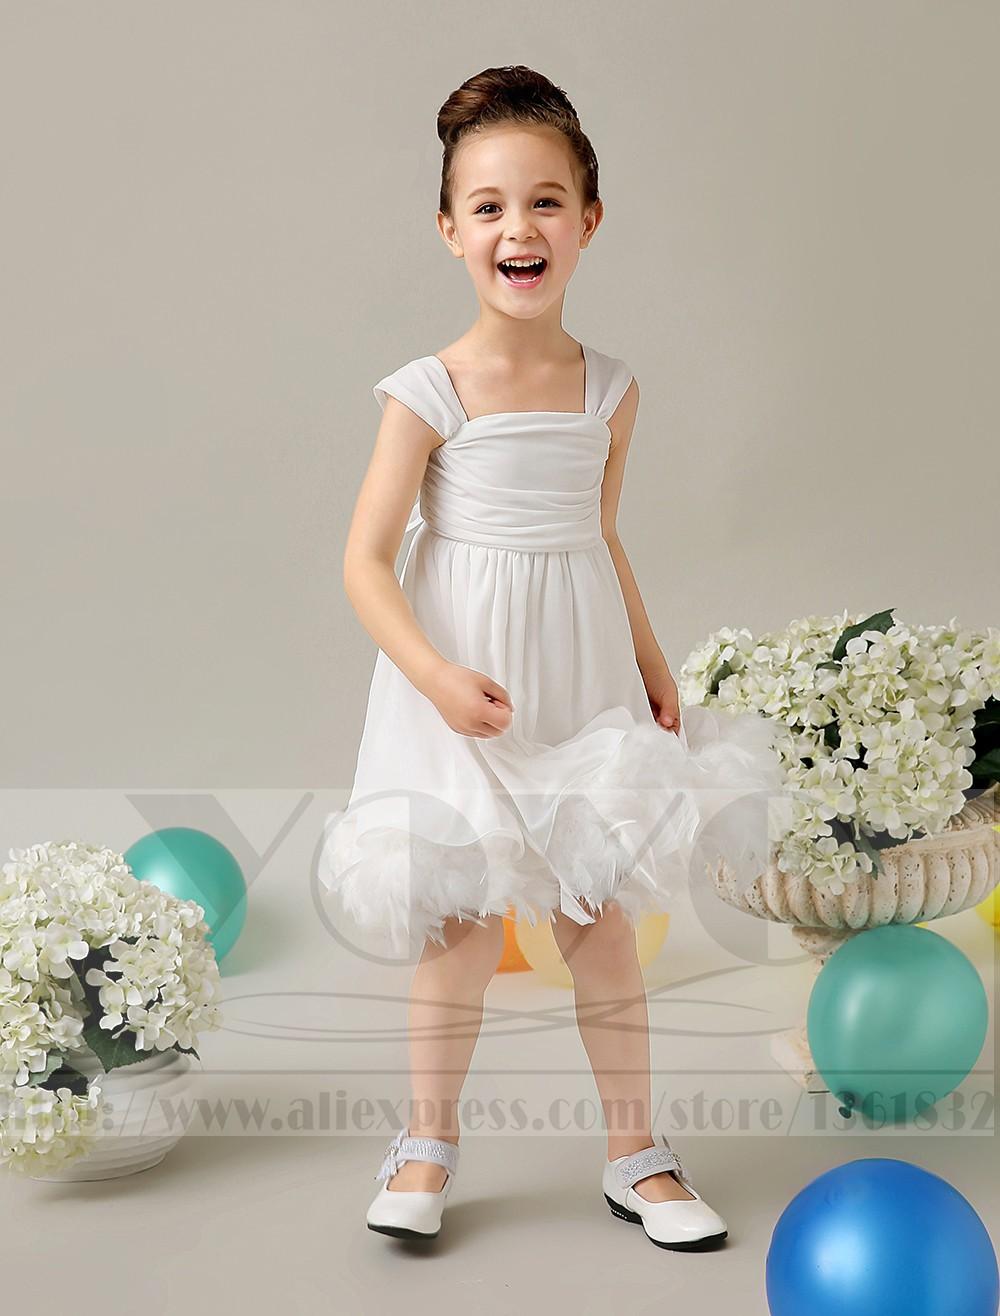 Скидки на A-line тюль кот свадебный цветок девочки Платья маленькие девочки платья с перьями элегантные детей девочек вечерние платья